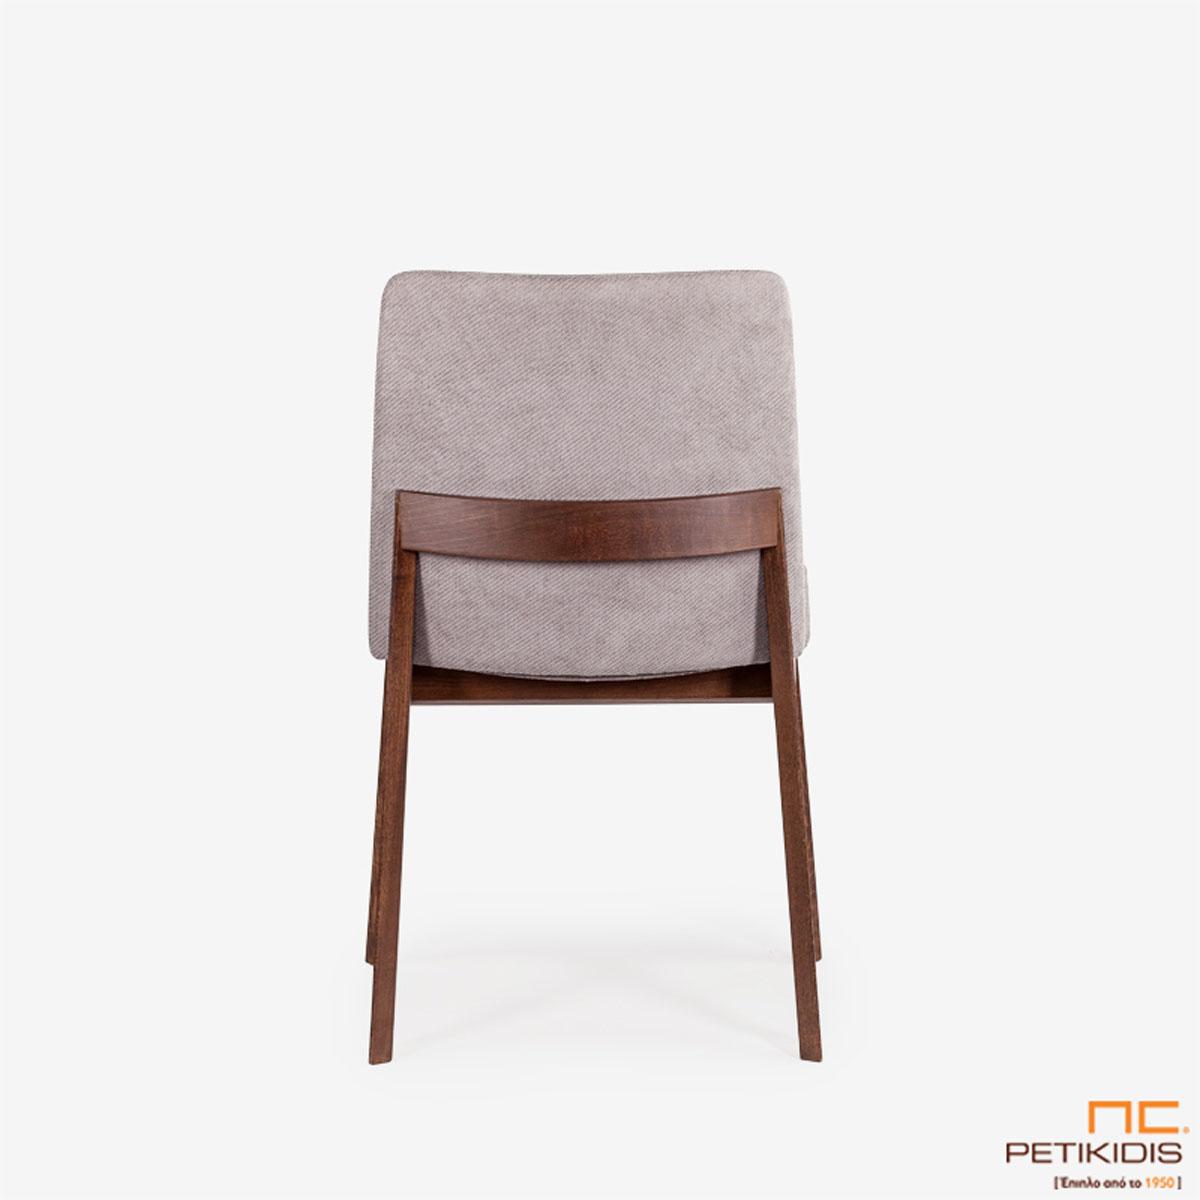 Καρέκλα Talia με ξύλινη βάση και ιδιαίτερη ξύλινη λεπτομέρεια στην πλάτη.Το ύφασμα είναι αδιάβροχο και αλέκιαστο σε γκρι τόνους. Λεπτομέρεια.